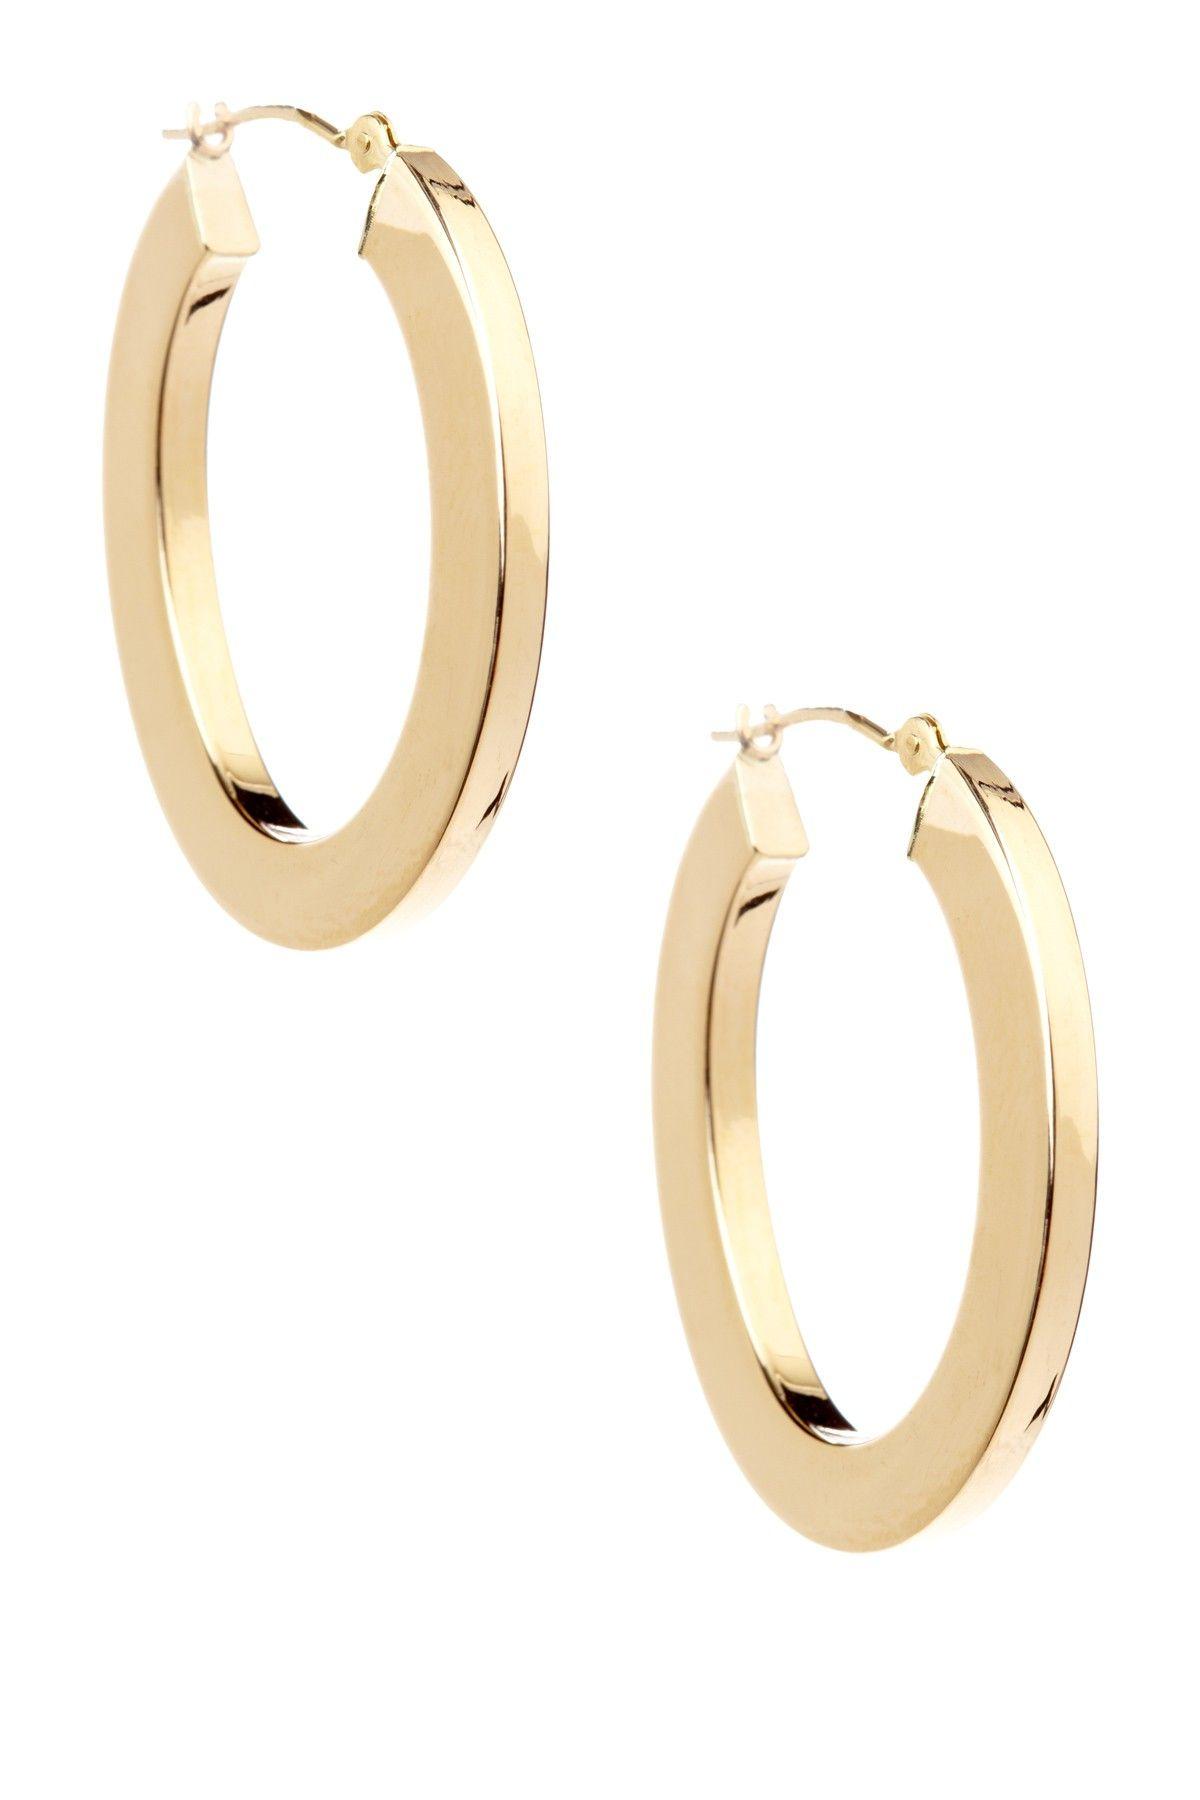 25de58182 14K Yellow Gold Flat Tube Oval Hoop Earrings | Style - Jewelry in ...